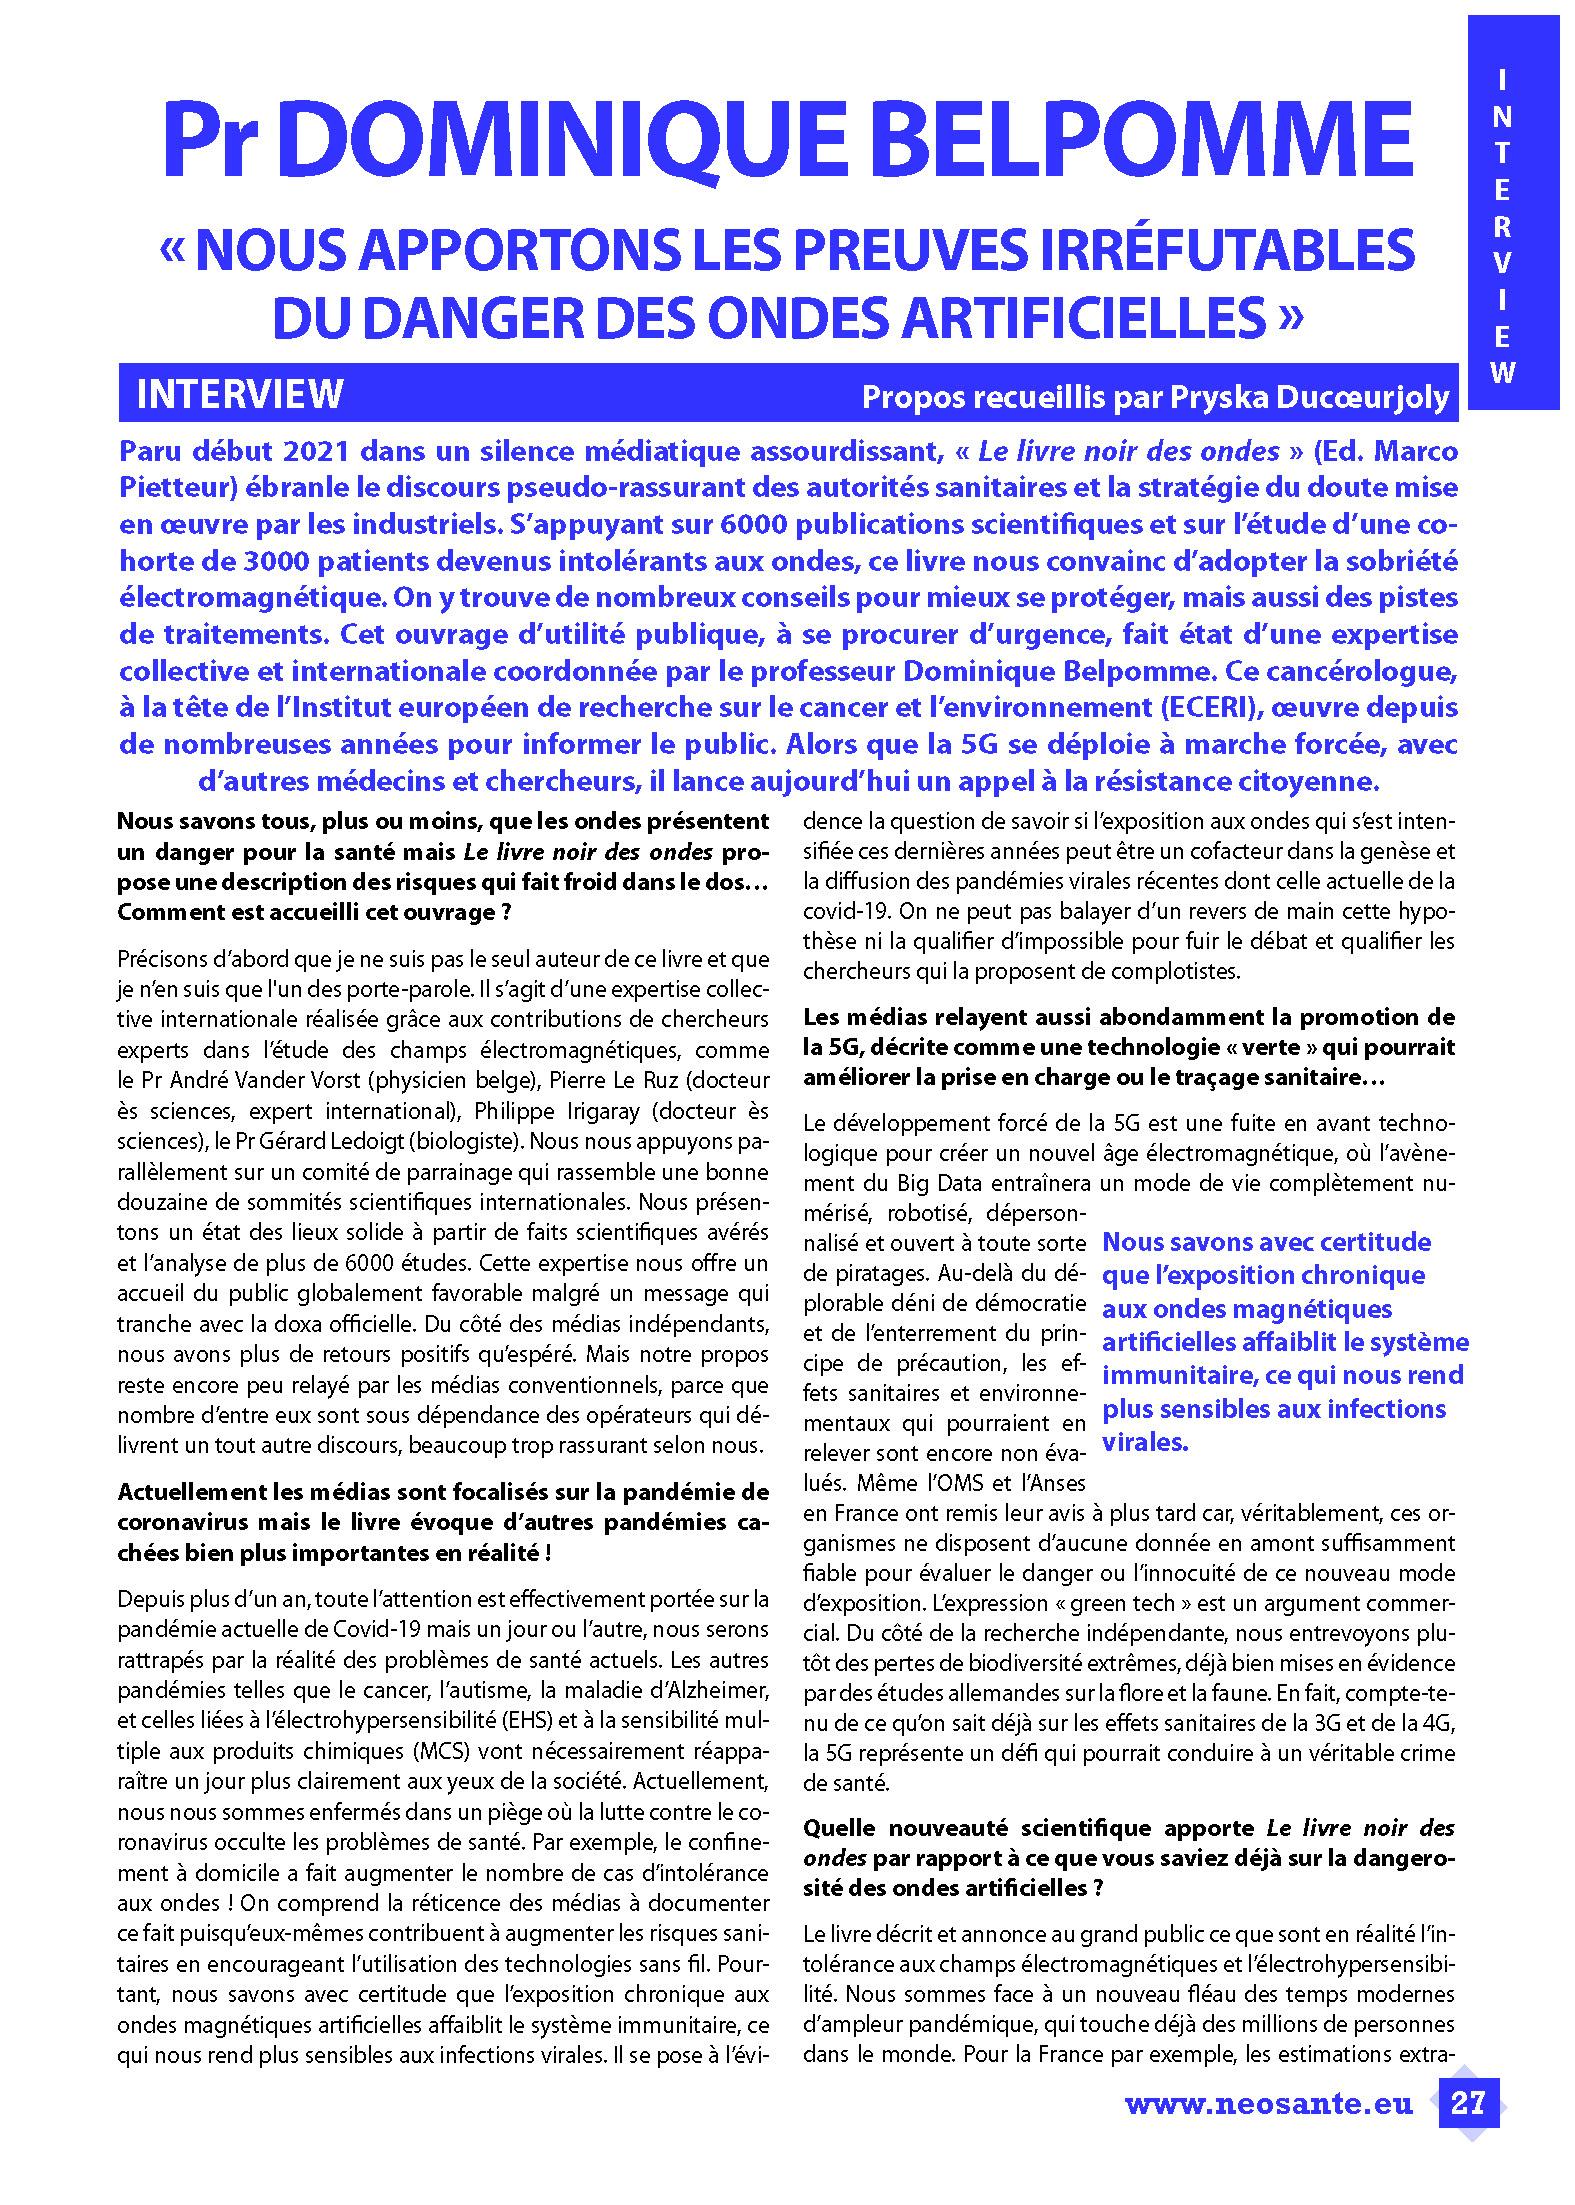 Télécharger l'interview de Dominique Belpomme dans la revue Néo Santé